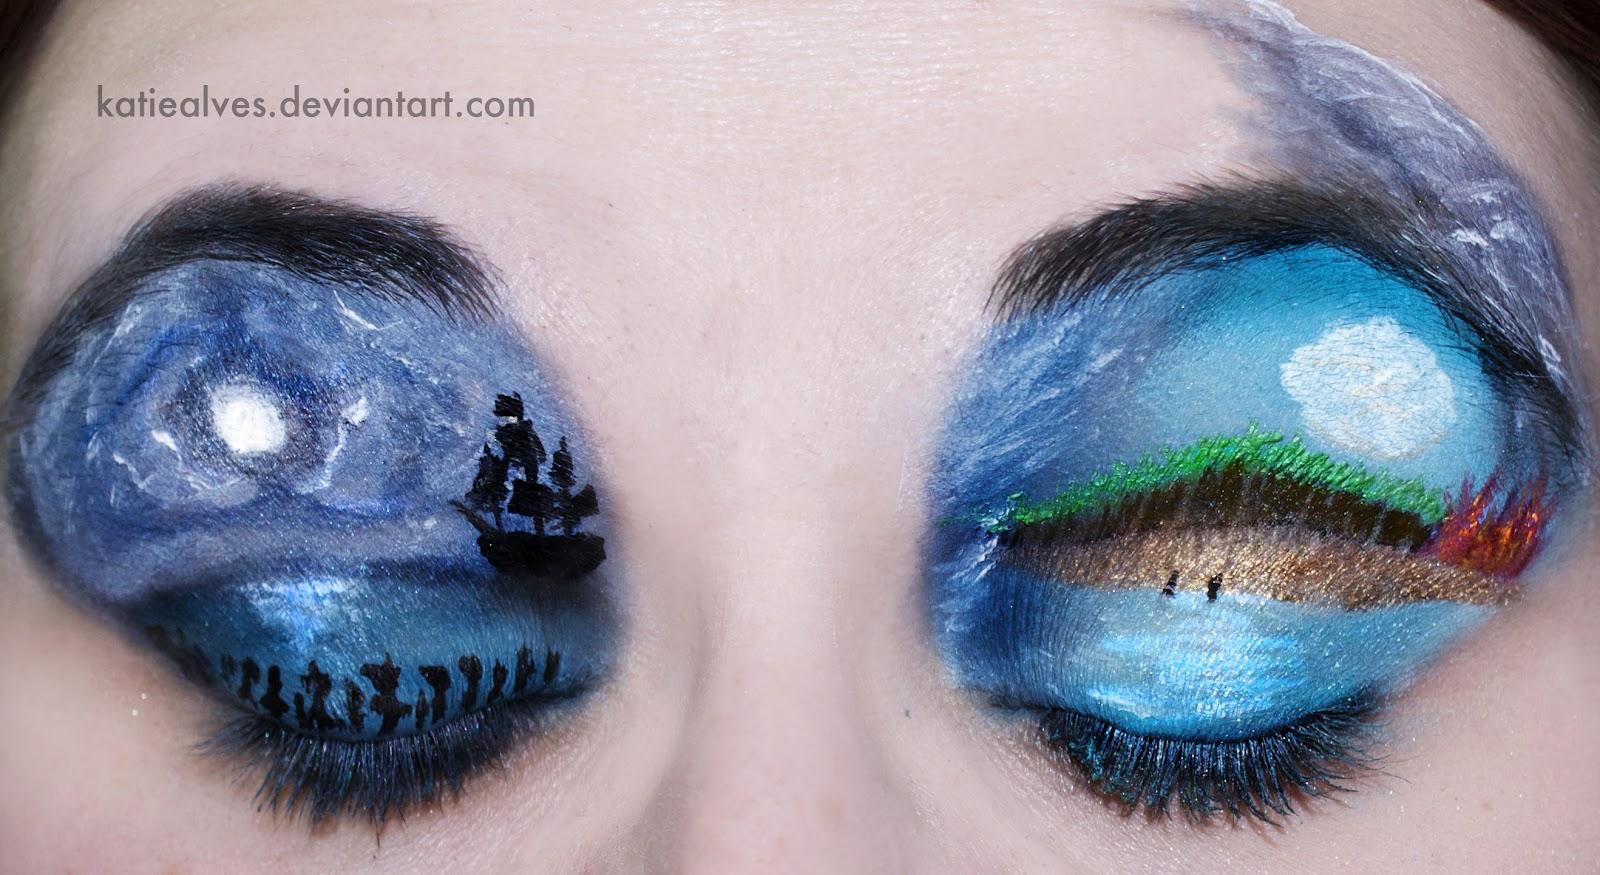 http://4.bp.blogspot.com/-5o8TnaXCSa4/T0Xjko1tUjI/AAAAAAAAANg/eGnKB2yMV6E/s1600/Pirates-water.jpg